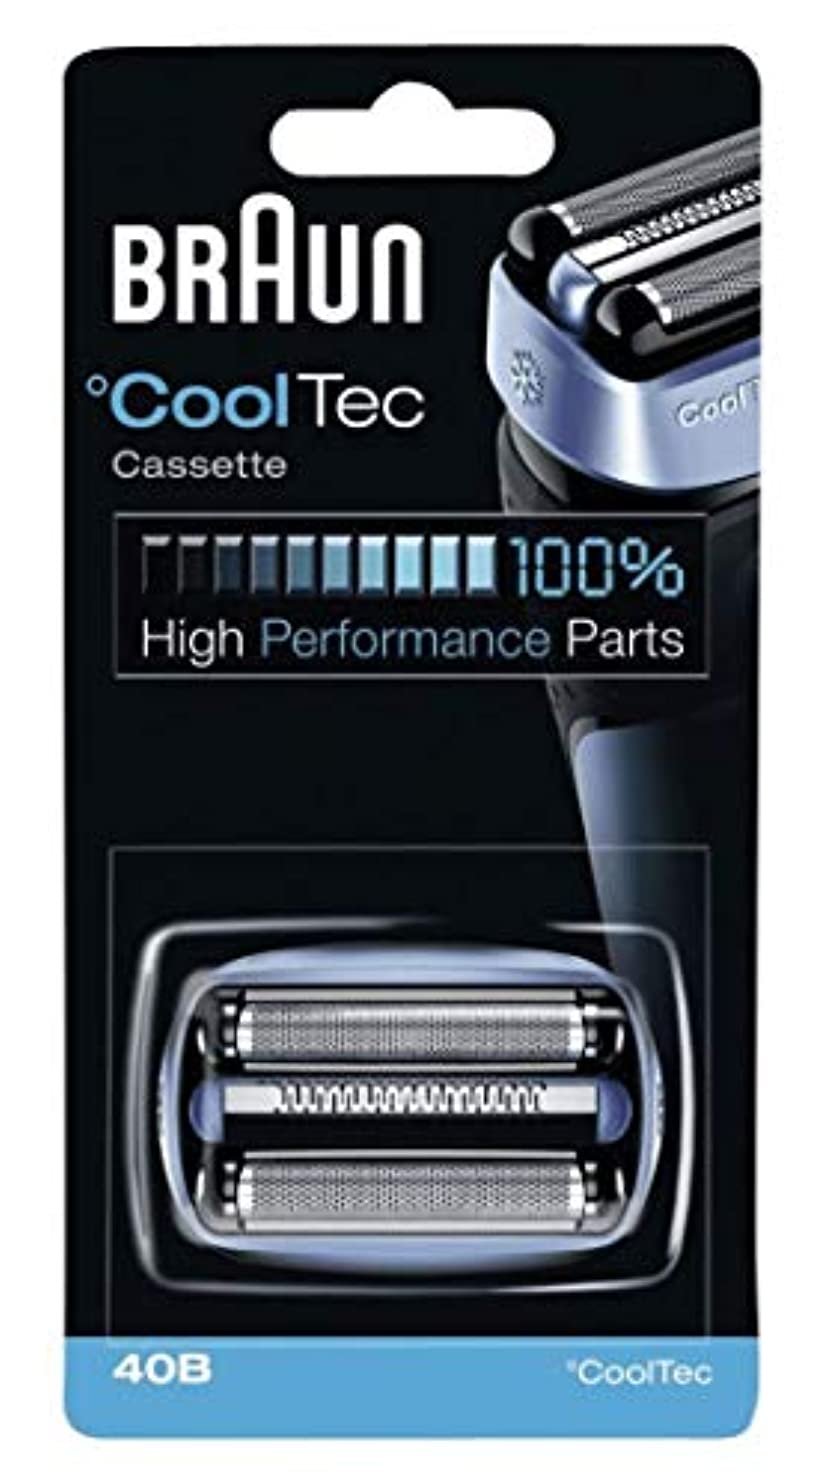 学部長ブロックするクレデンシャルブラウン シェーバー Cool Tec(クールテック)用 網刃?内刃一体型カセット F/C40B 【並行輸入品】